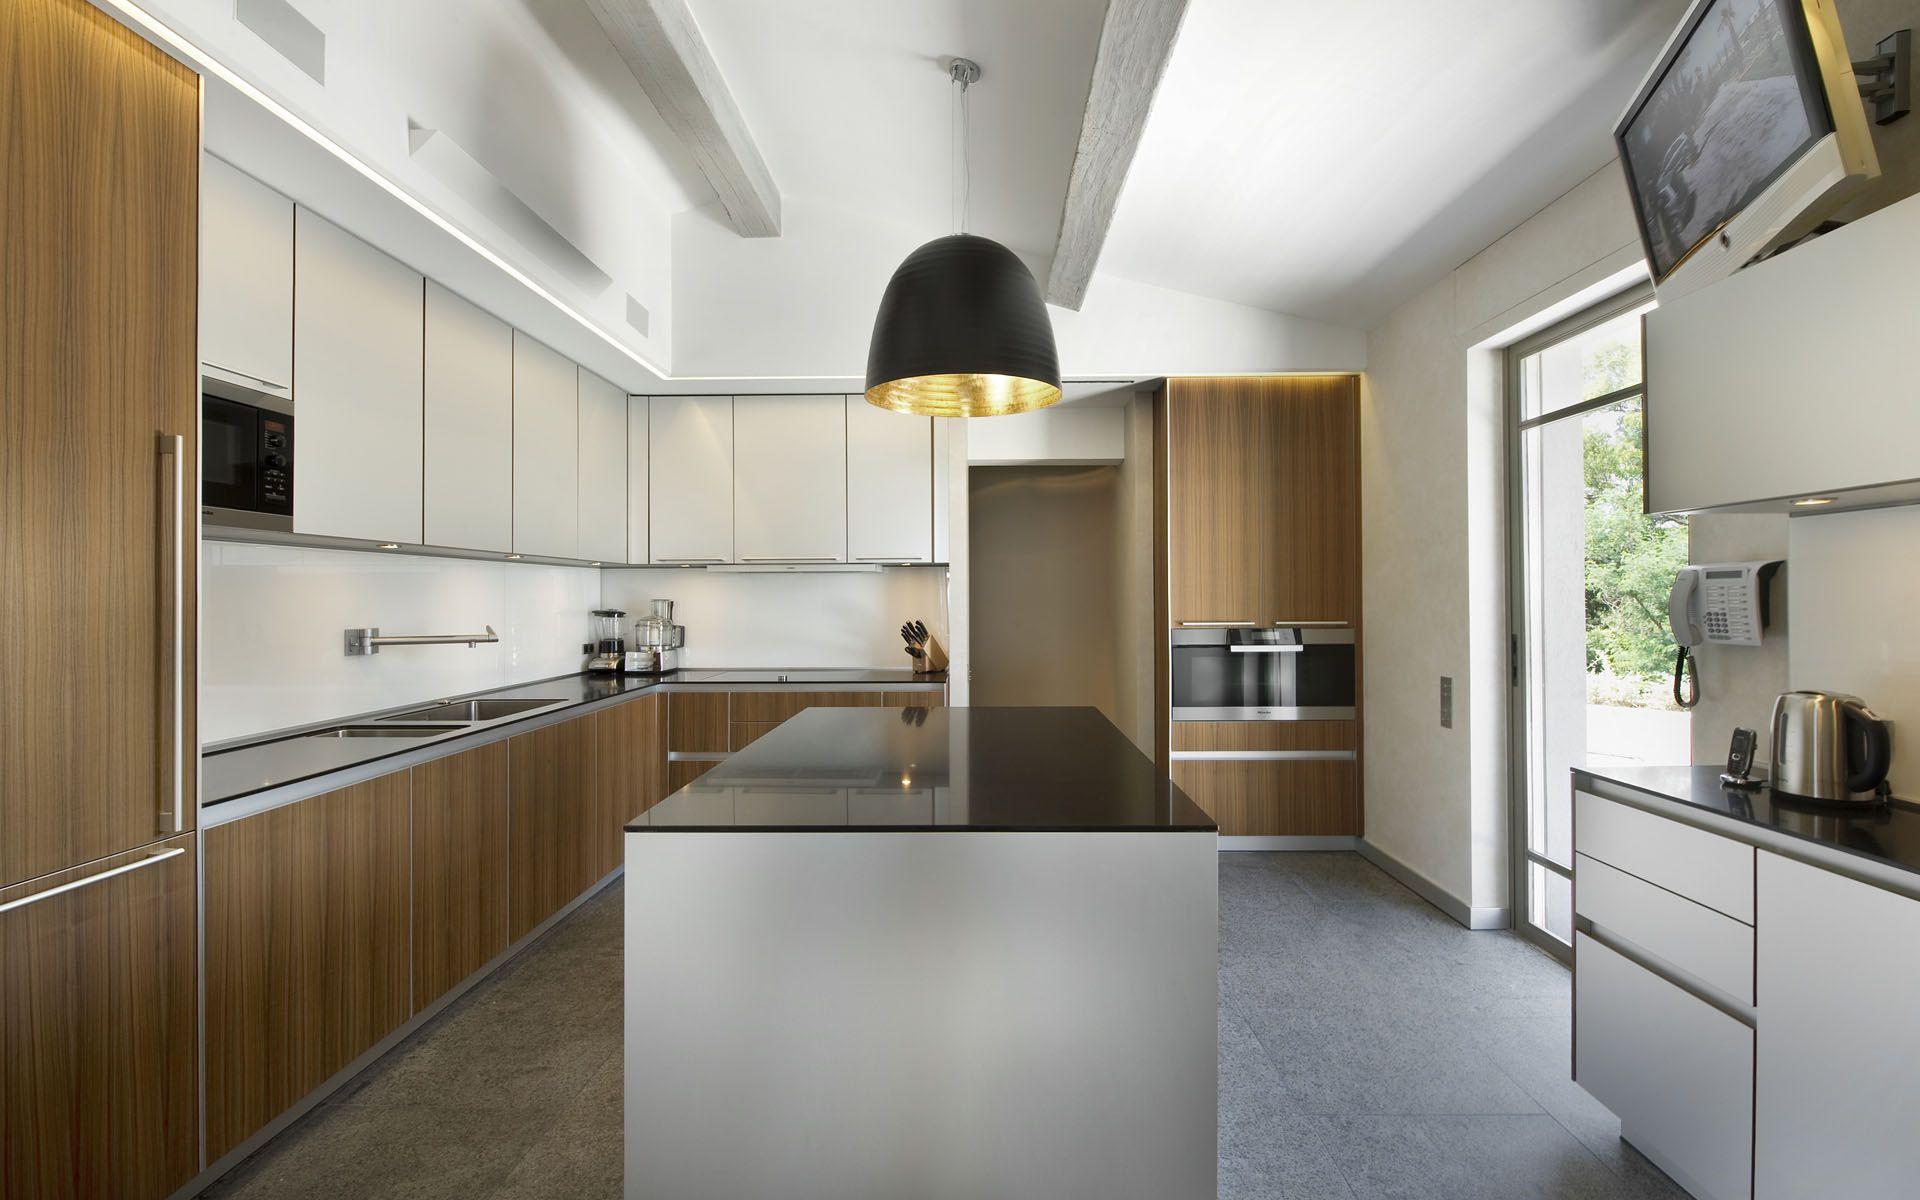 contemporary kitchen design 25 AMAZING MINIMALIST KITCHEN DESIGN IDEAS